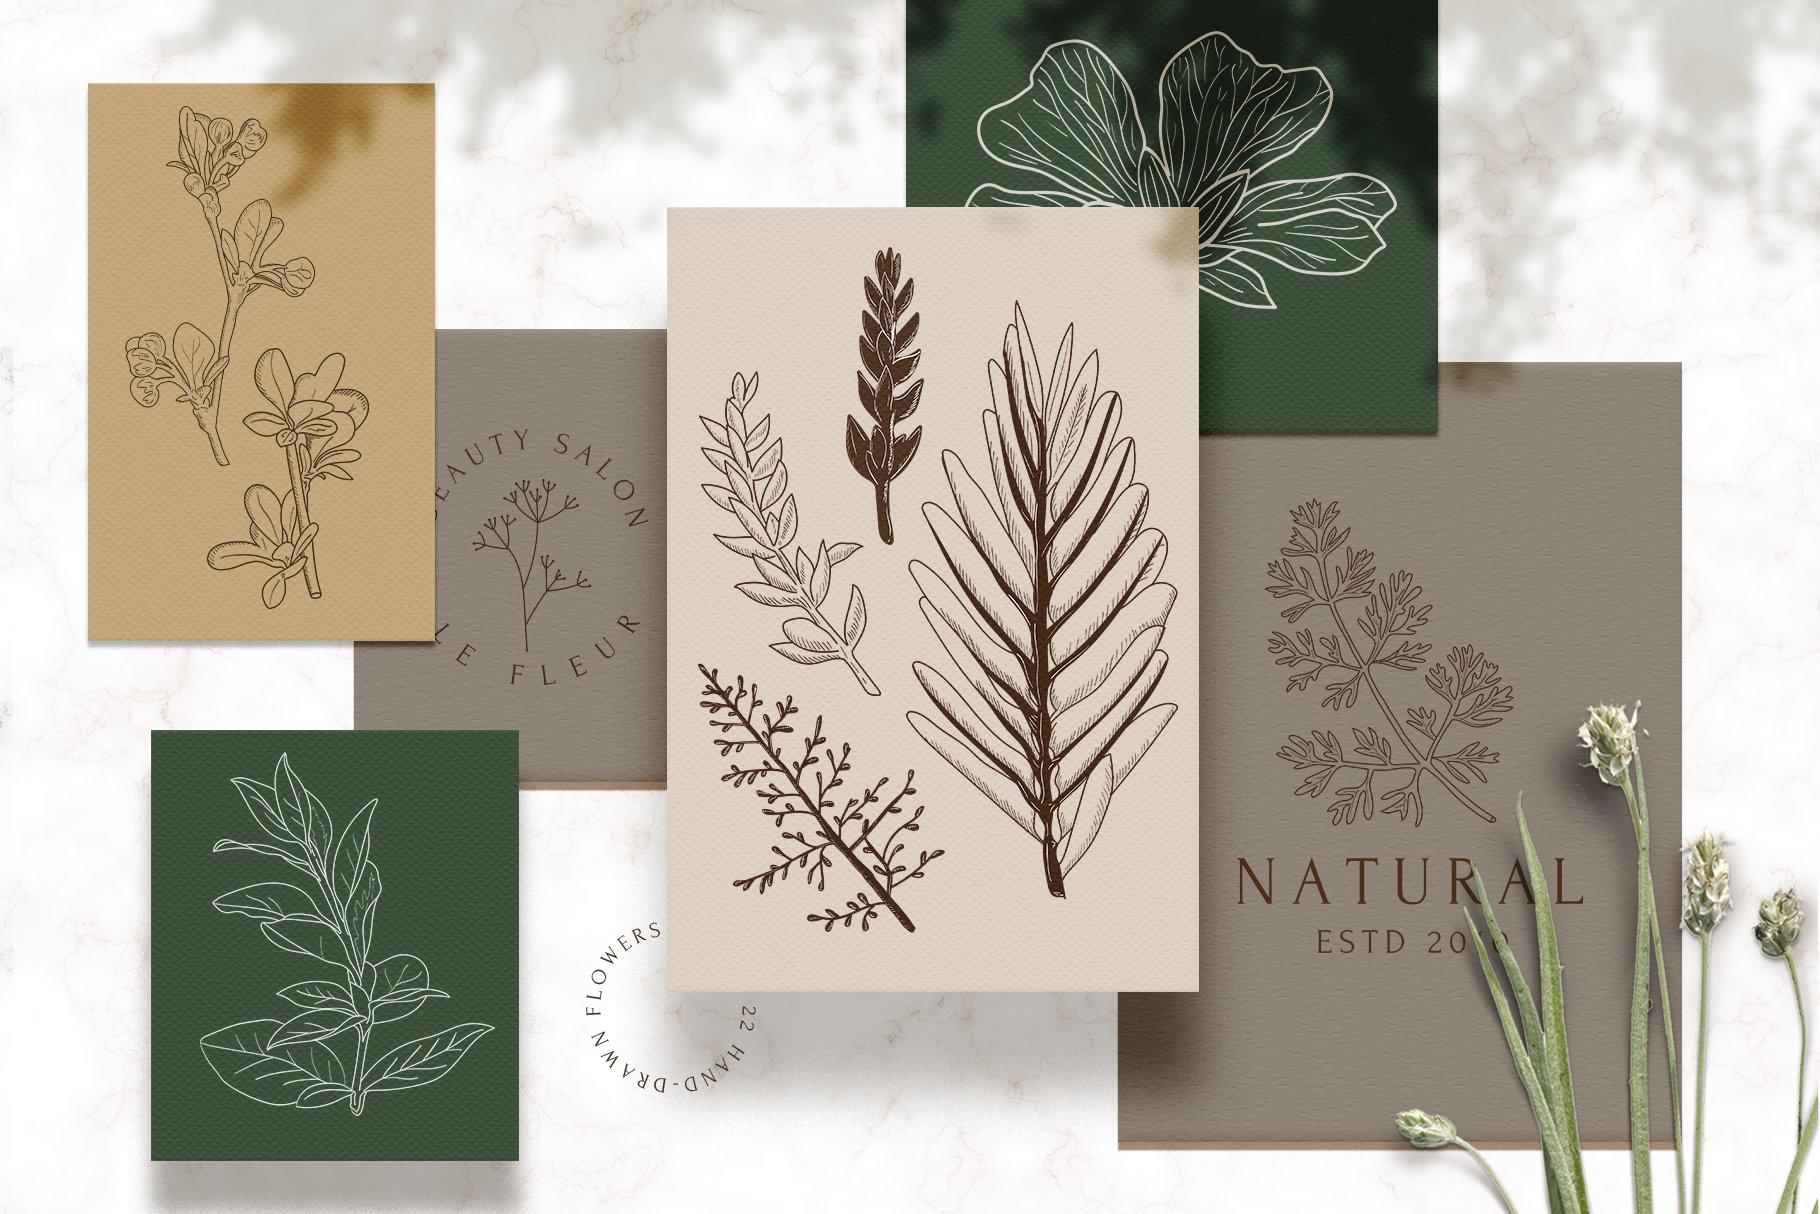 精美植物徽标标志设计AI矢量模板素材 BotanicalLogos & Illustrations插图(1)